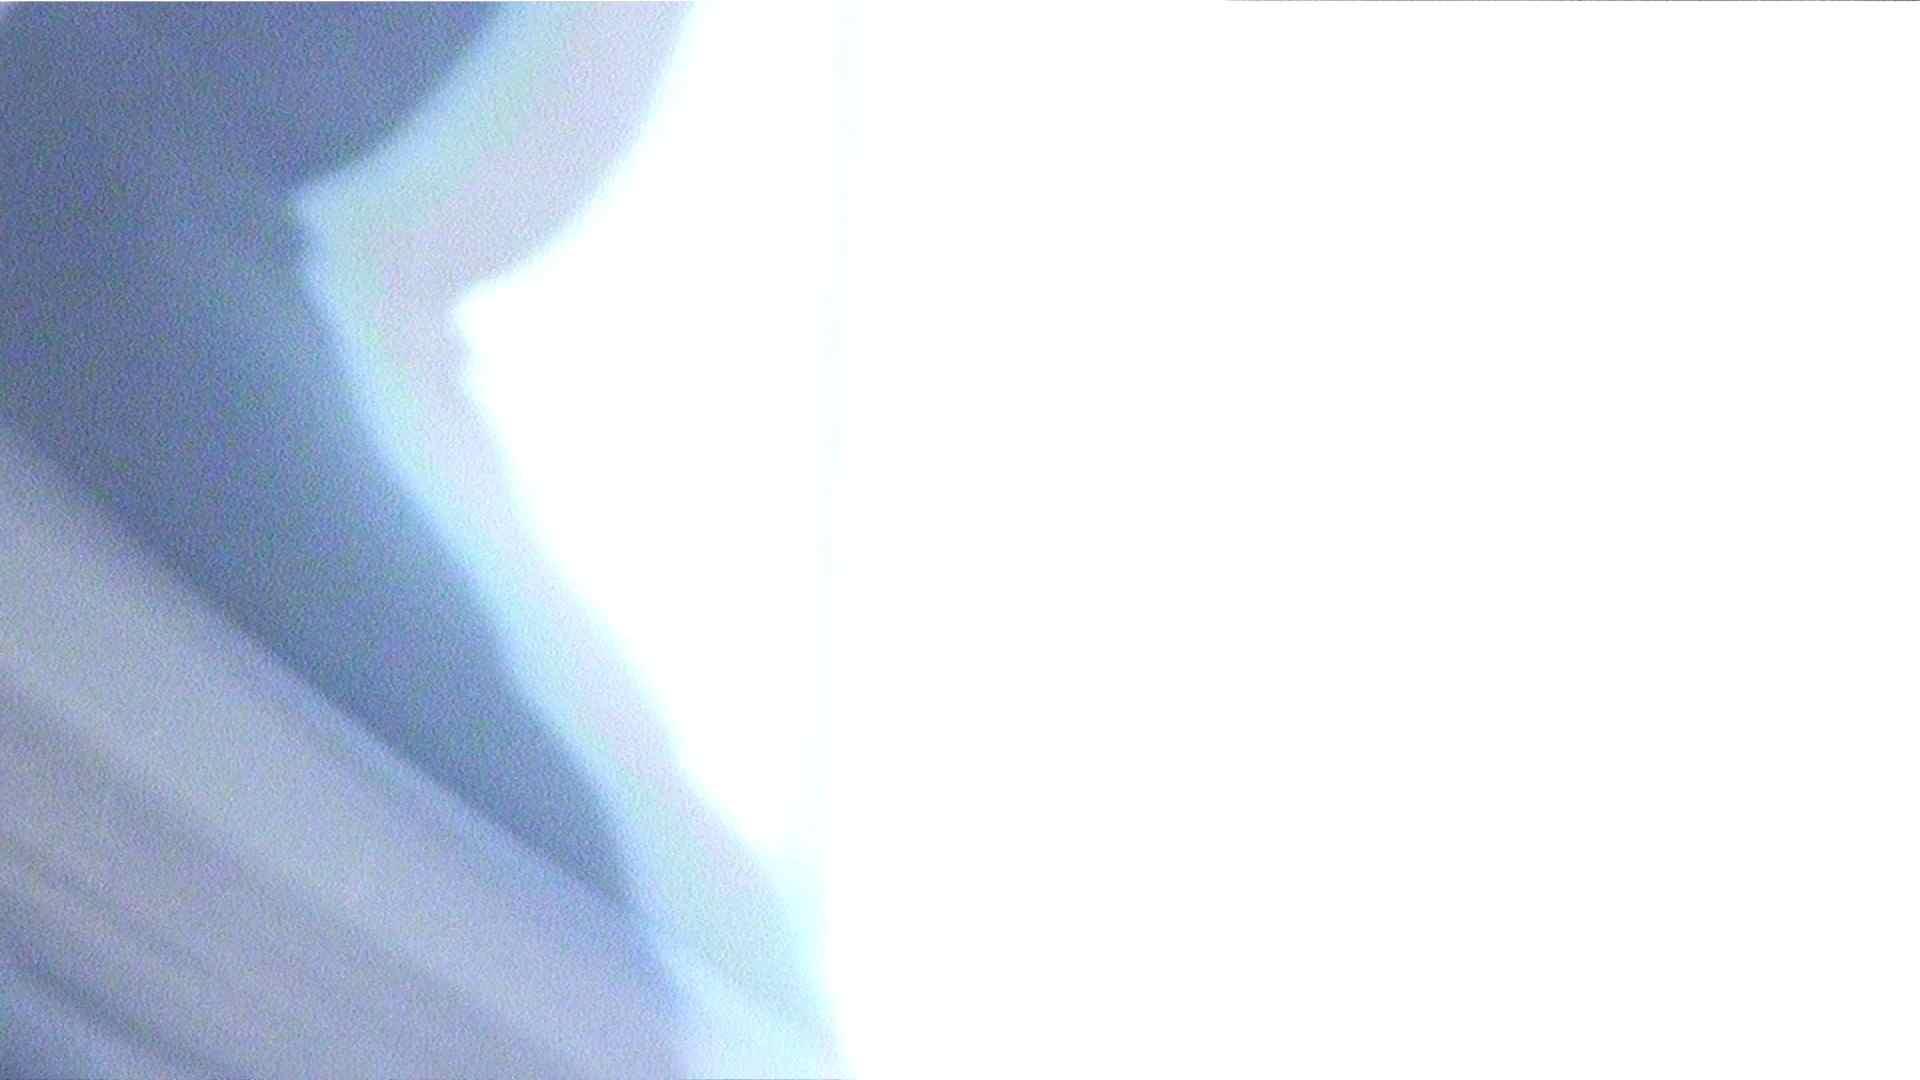 ※100個限定販売 至高下半身盗撮 プレミアム Vol.36 ハイビジョン 丸見え ワレメ無修正動画無料 108画像 17